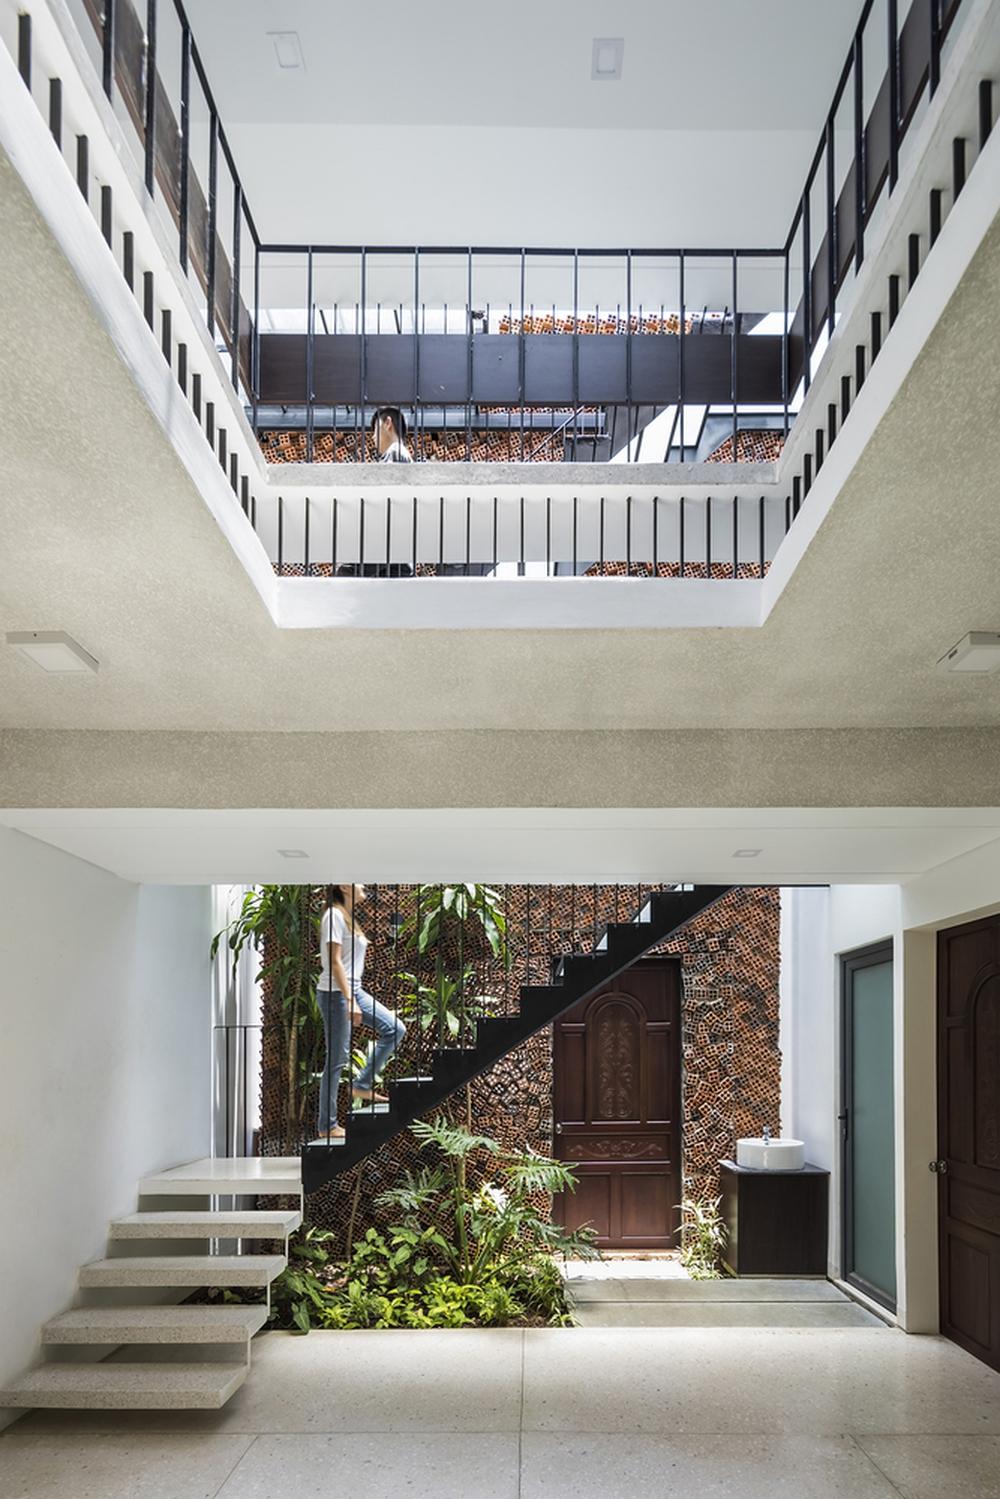 Căn nhà có những bức tường thở tại Biên Hòa nhìn thôi cũng đủ bị mê hoặc - Ảnh 6.